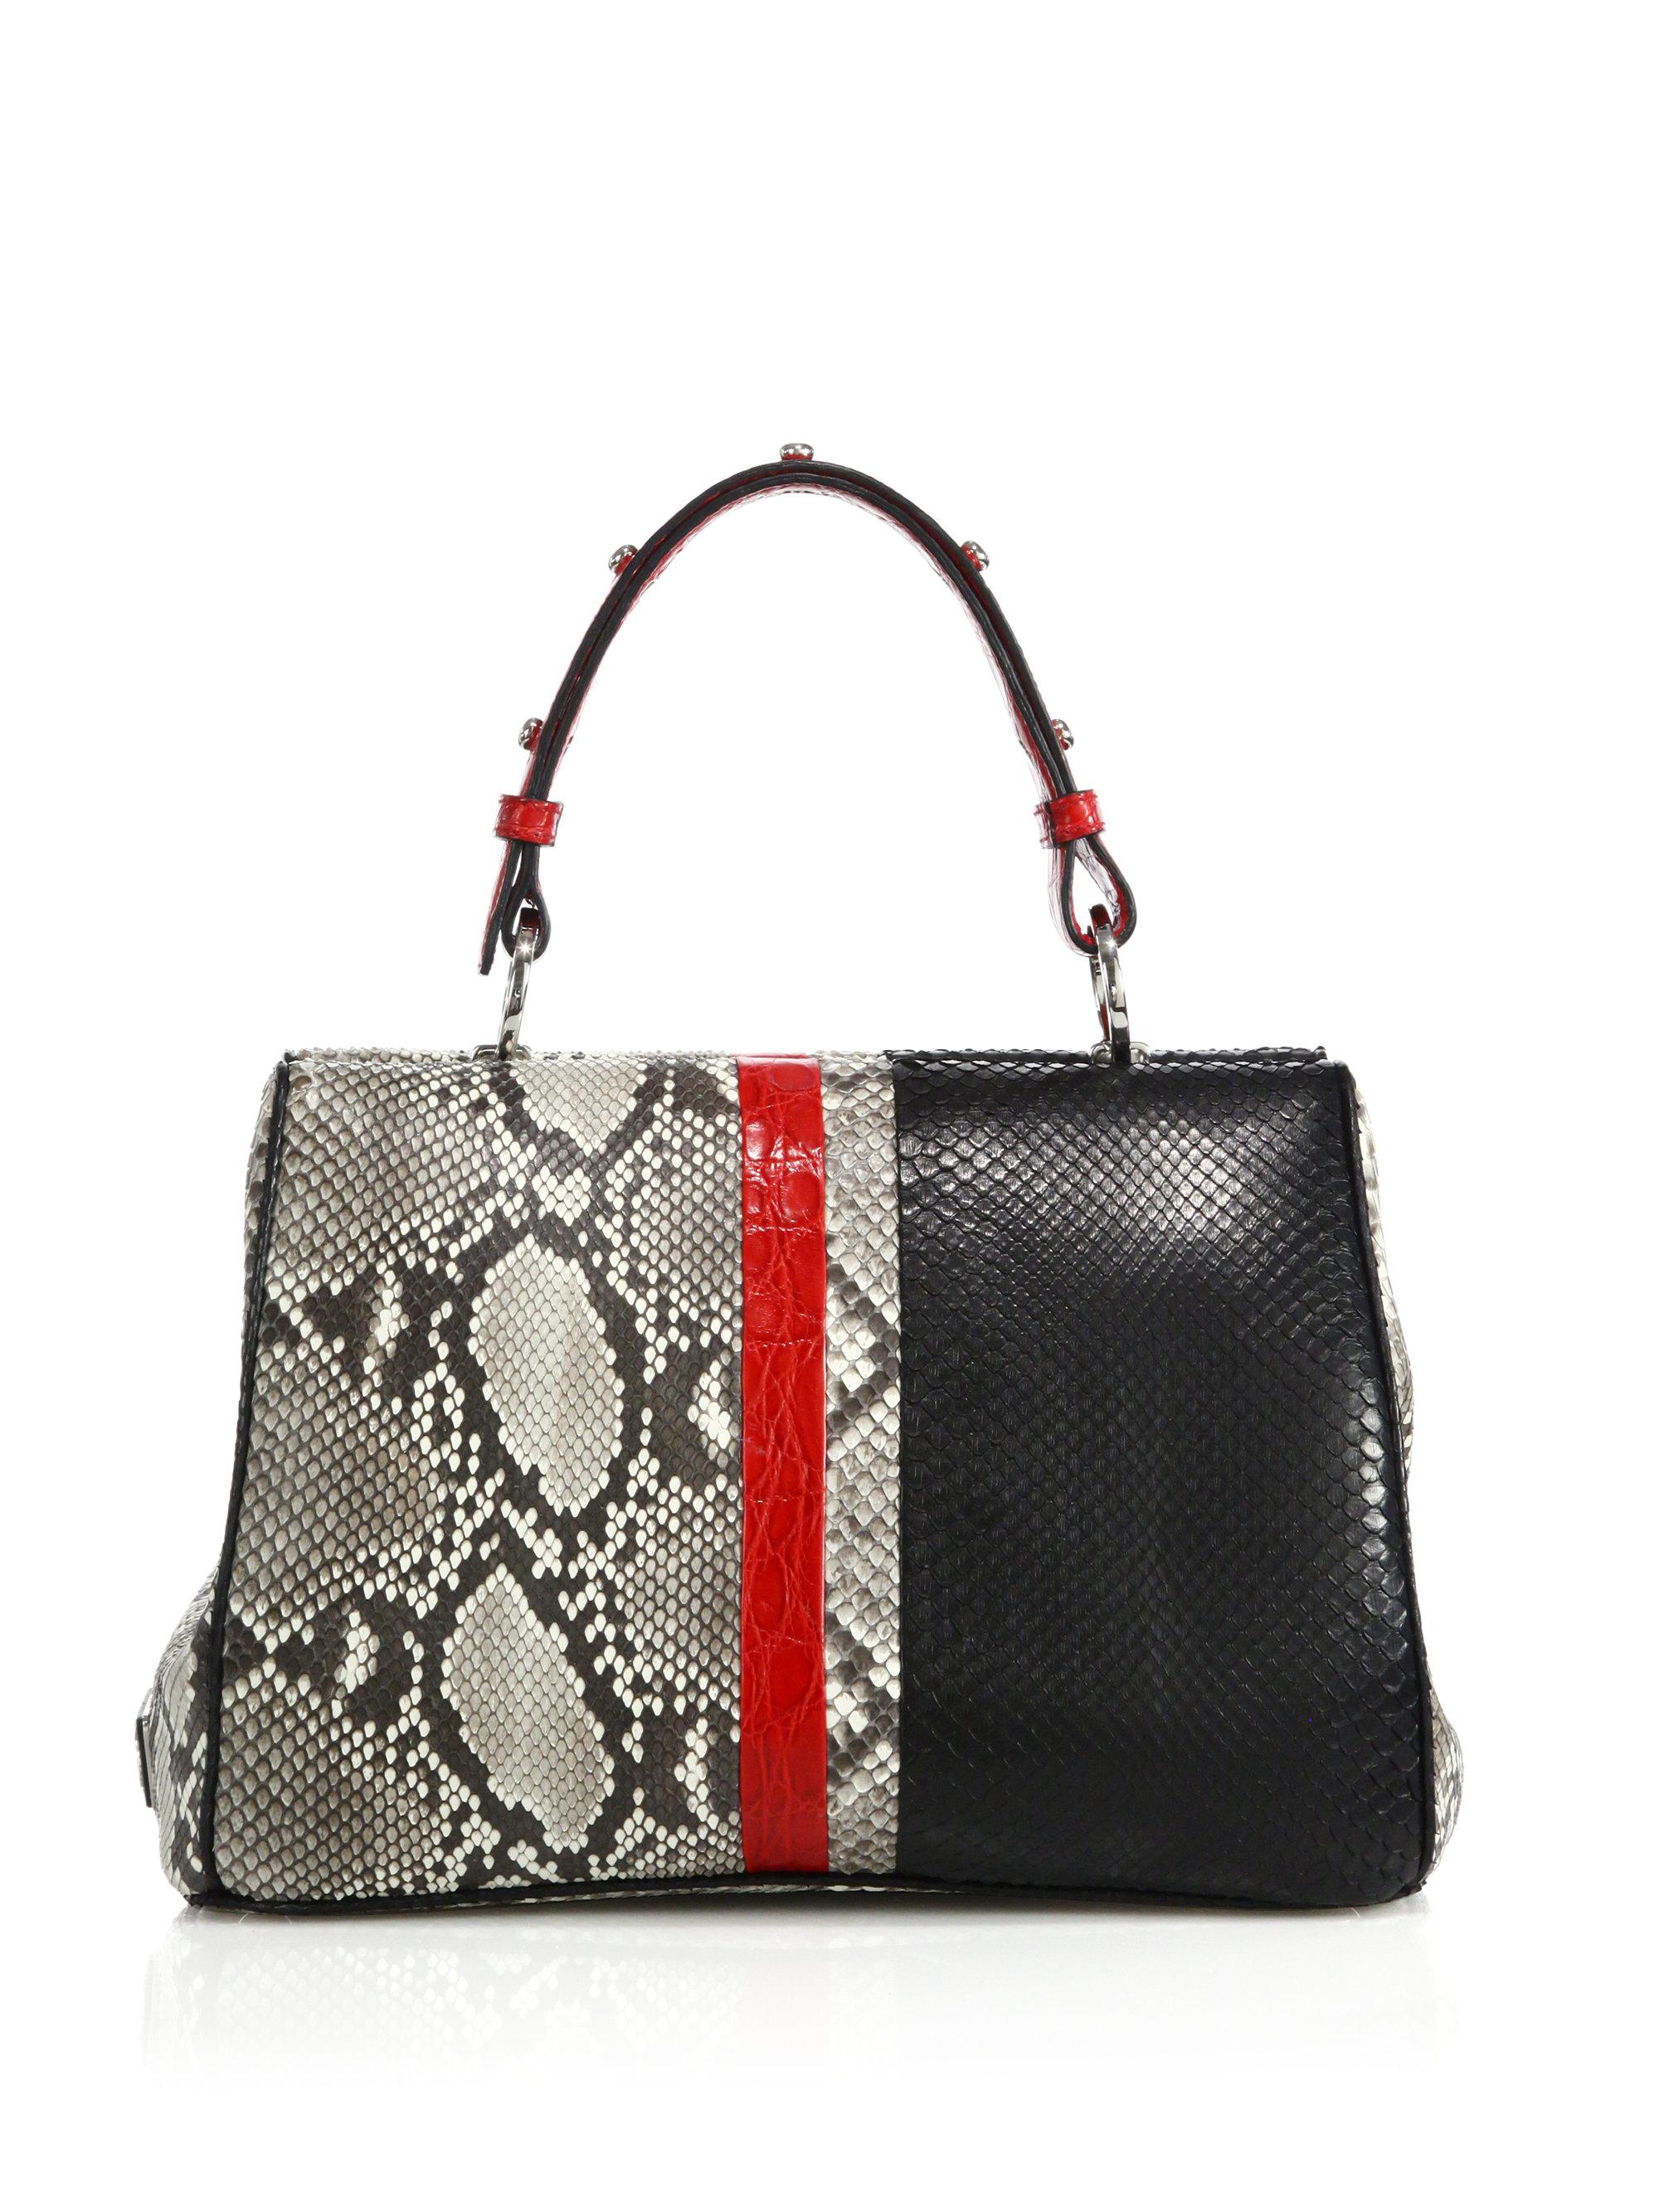 21cb4109460910 ... 50% off lyst prada python crocodile baiadera frame bag in black f1db7  1c2e7